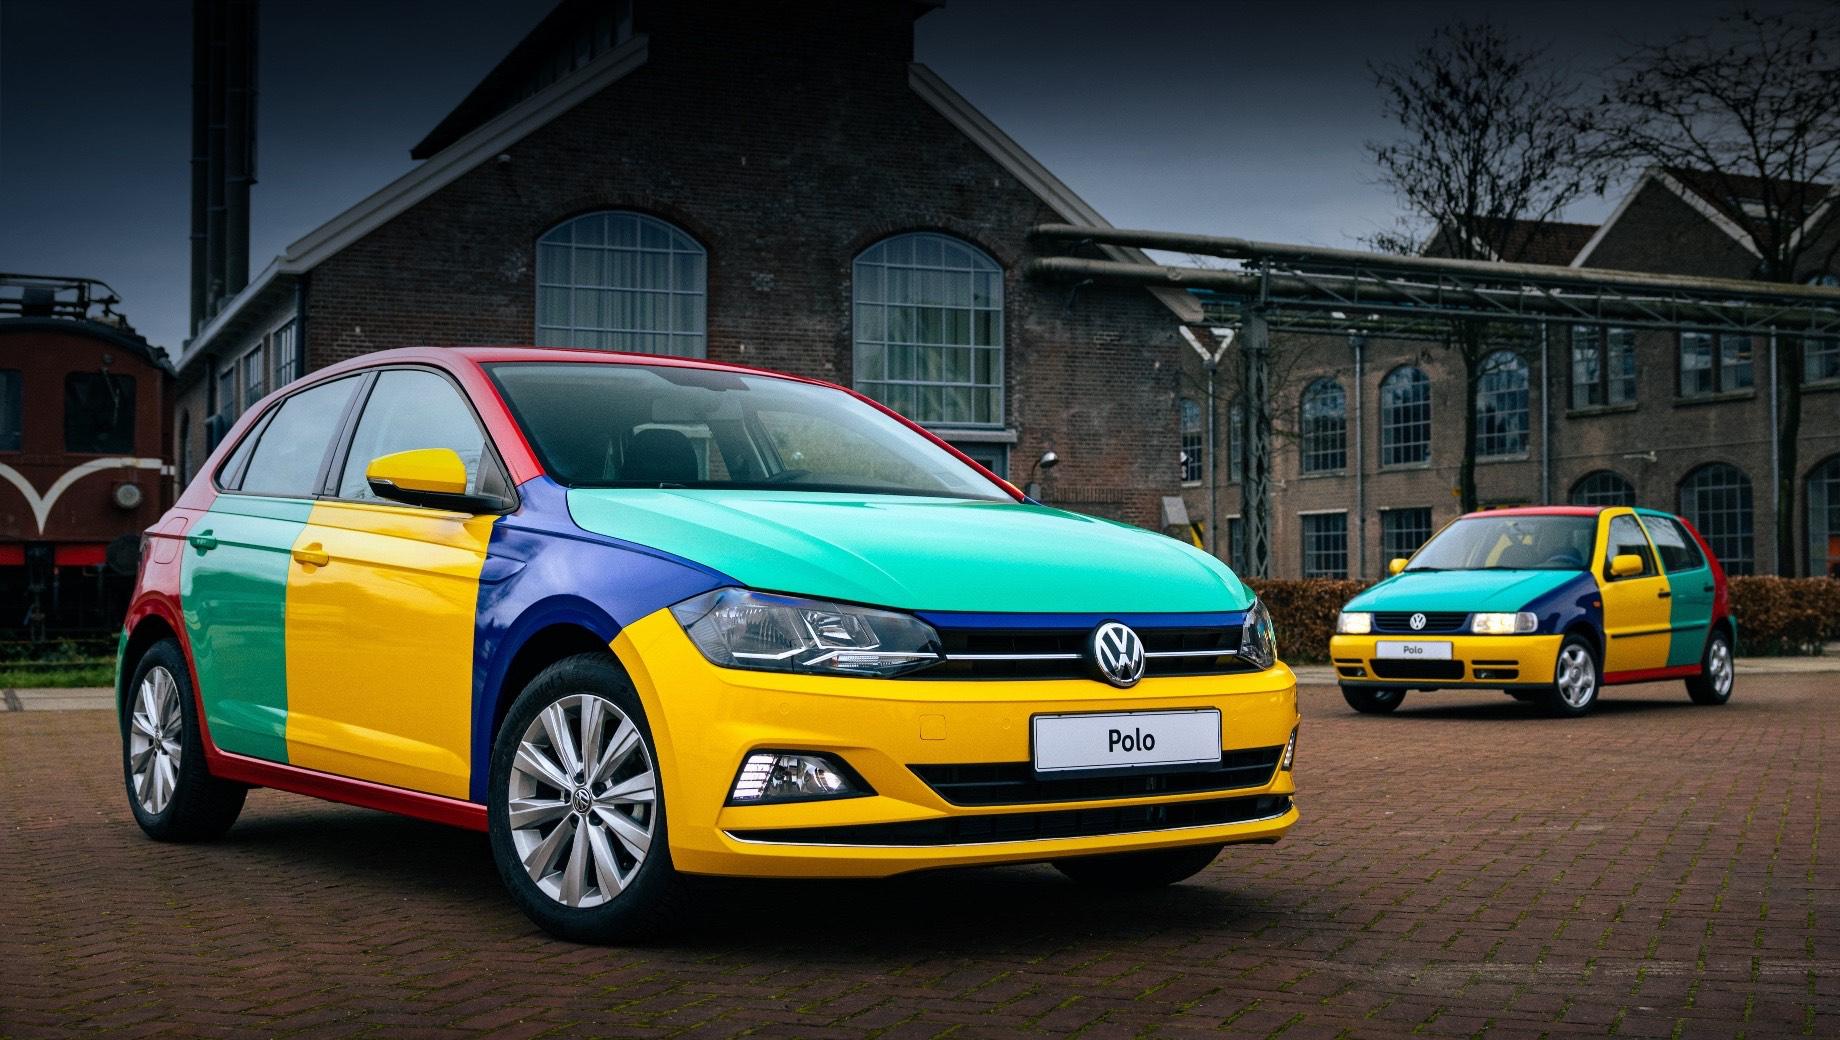 Volkswagen polo,Volkswagen polo harlekin. В 90-х основной цвет машины определялся по крыше и порогам. На заводе хэтчи выпускались одноцветными, а потом как бы менялись панелями между собой. Существовало четыре варианта комбинаций колеров, но какой именно достанется заказчику, оставалось секретом до момента вручения.